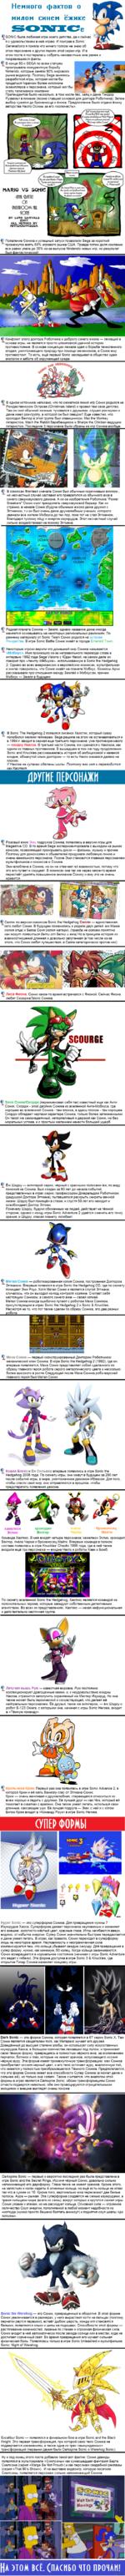 Немного фактов о милом синем ёжике ЩSONIC была любимая игра моего детства, да и сейчас я с удовольствием в неё играю. И поиграв в Sonic Generations я поняла что ничего толком не знаю об этом персонаже и других героях этой серии игр. И в этом посте я постаралась собрать неизвестные мне ранее понра